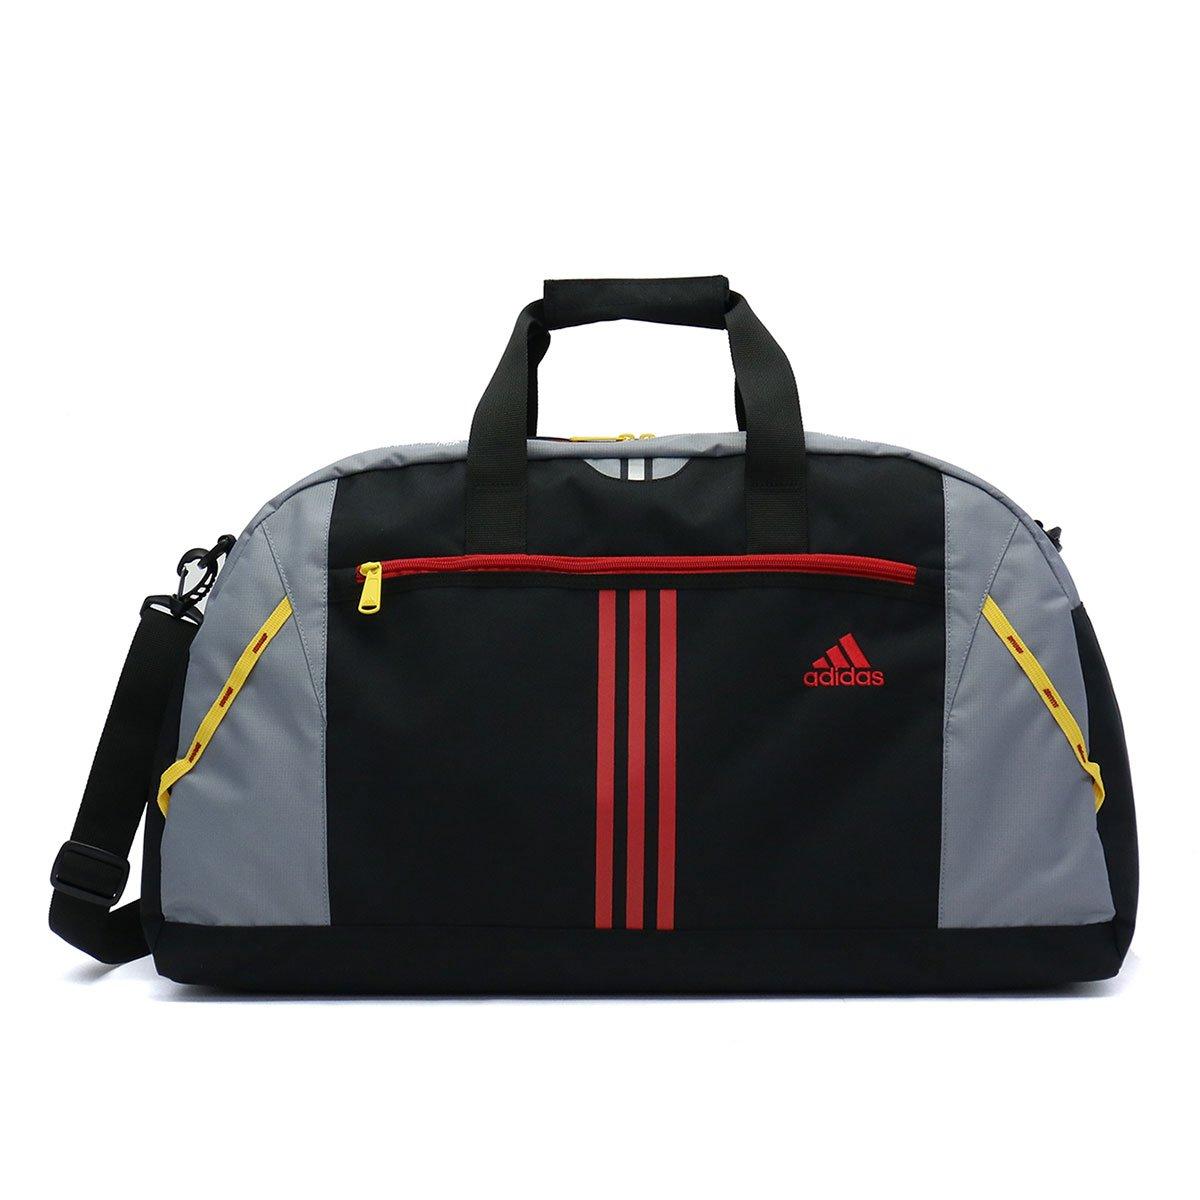 [アディダス]adidas ボストンバッグ キッズ 46L 47949 B07BGWC7J6 ブラック(01) ブラック(01)